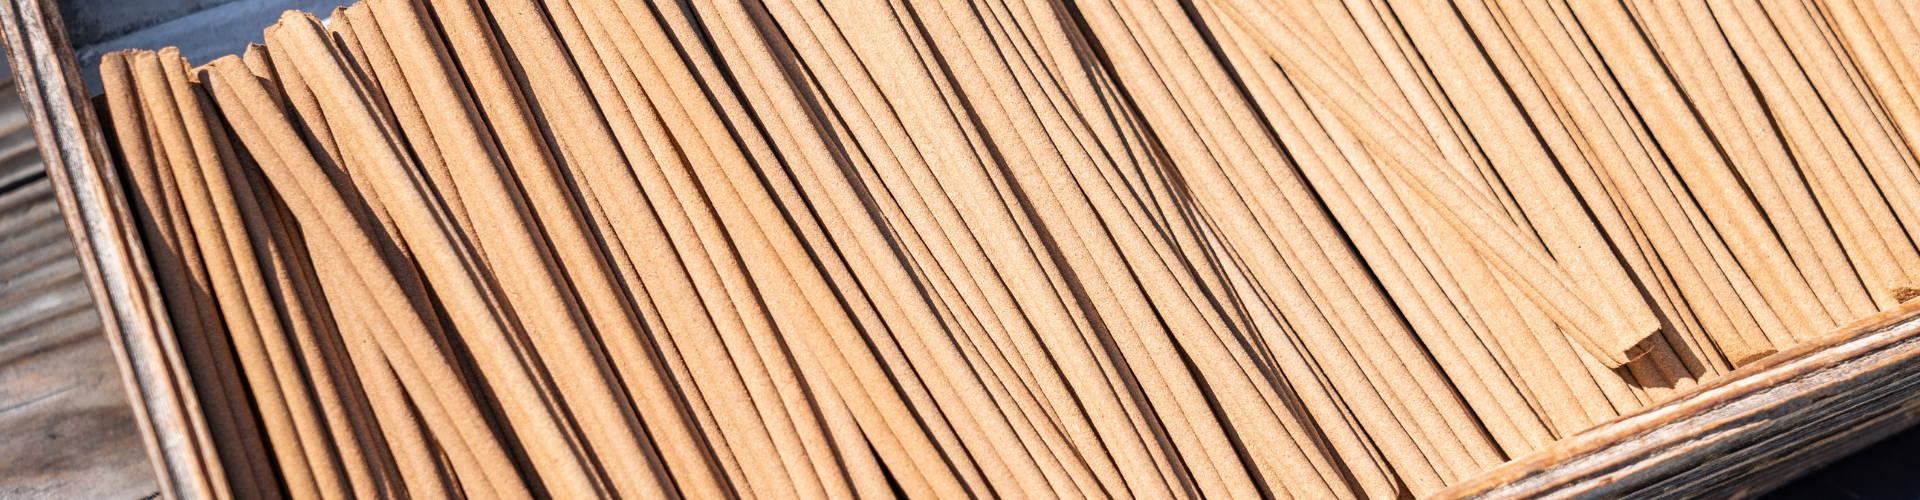 japanese agarwood